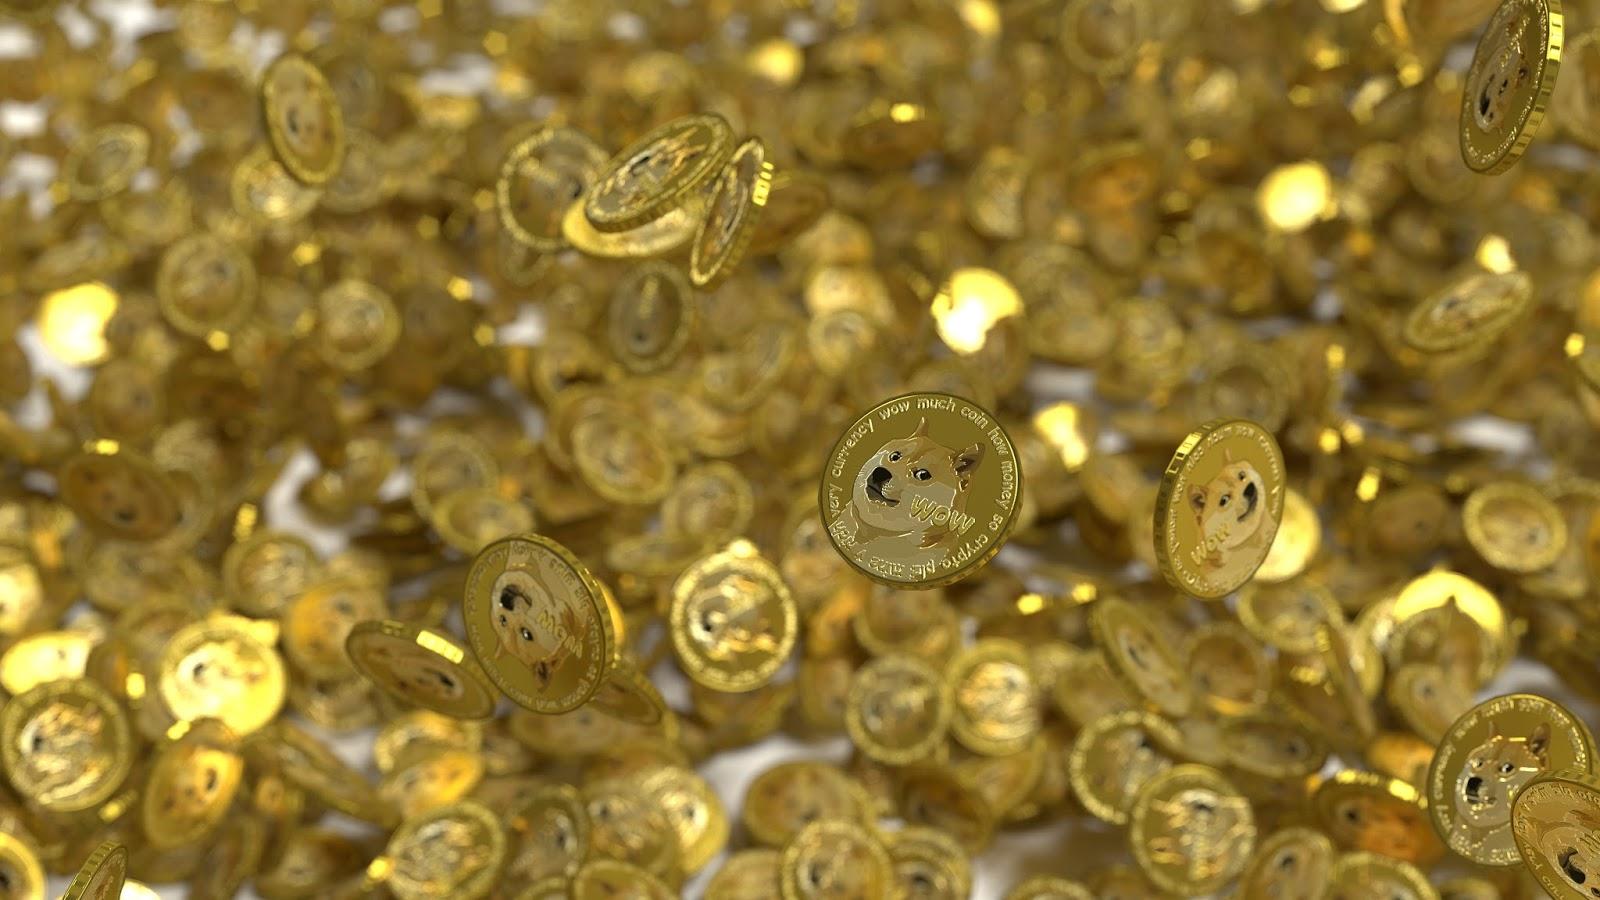 ابداع کنندگان بیت کویت در جمع ۵۰ نفر از ثروتمندان جهان ،ارز دیجیتال DogeCoin